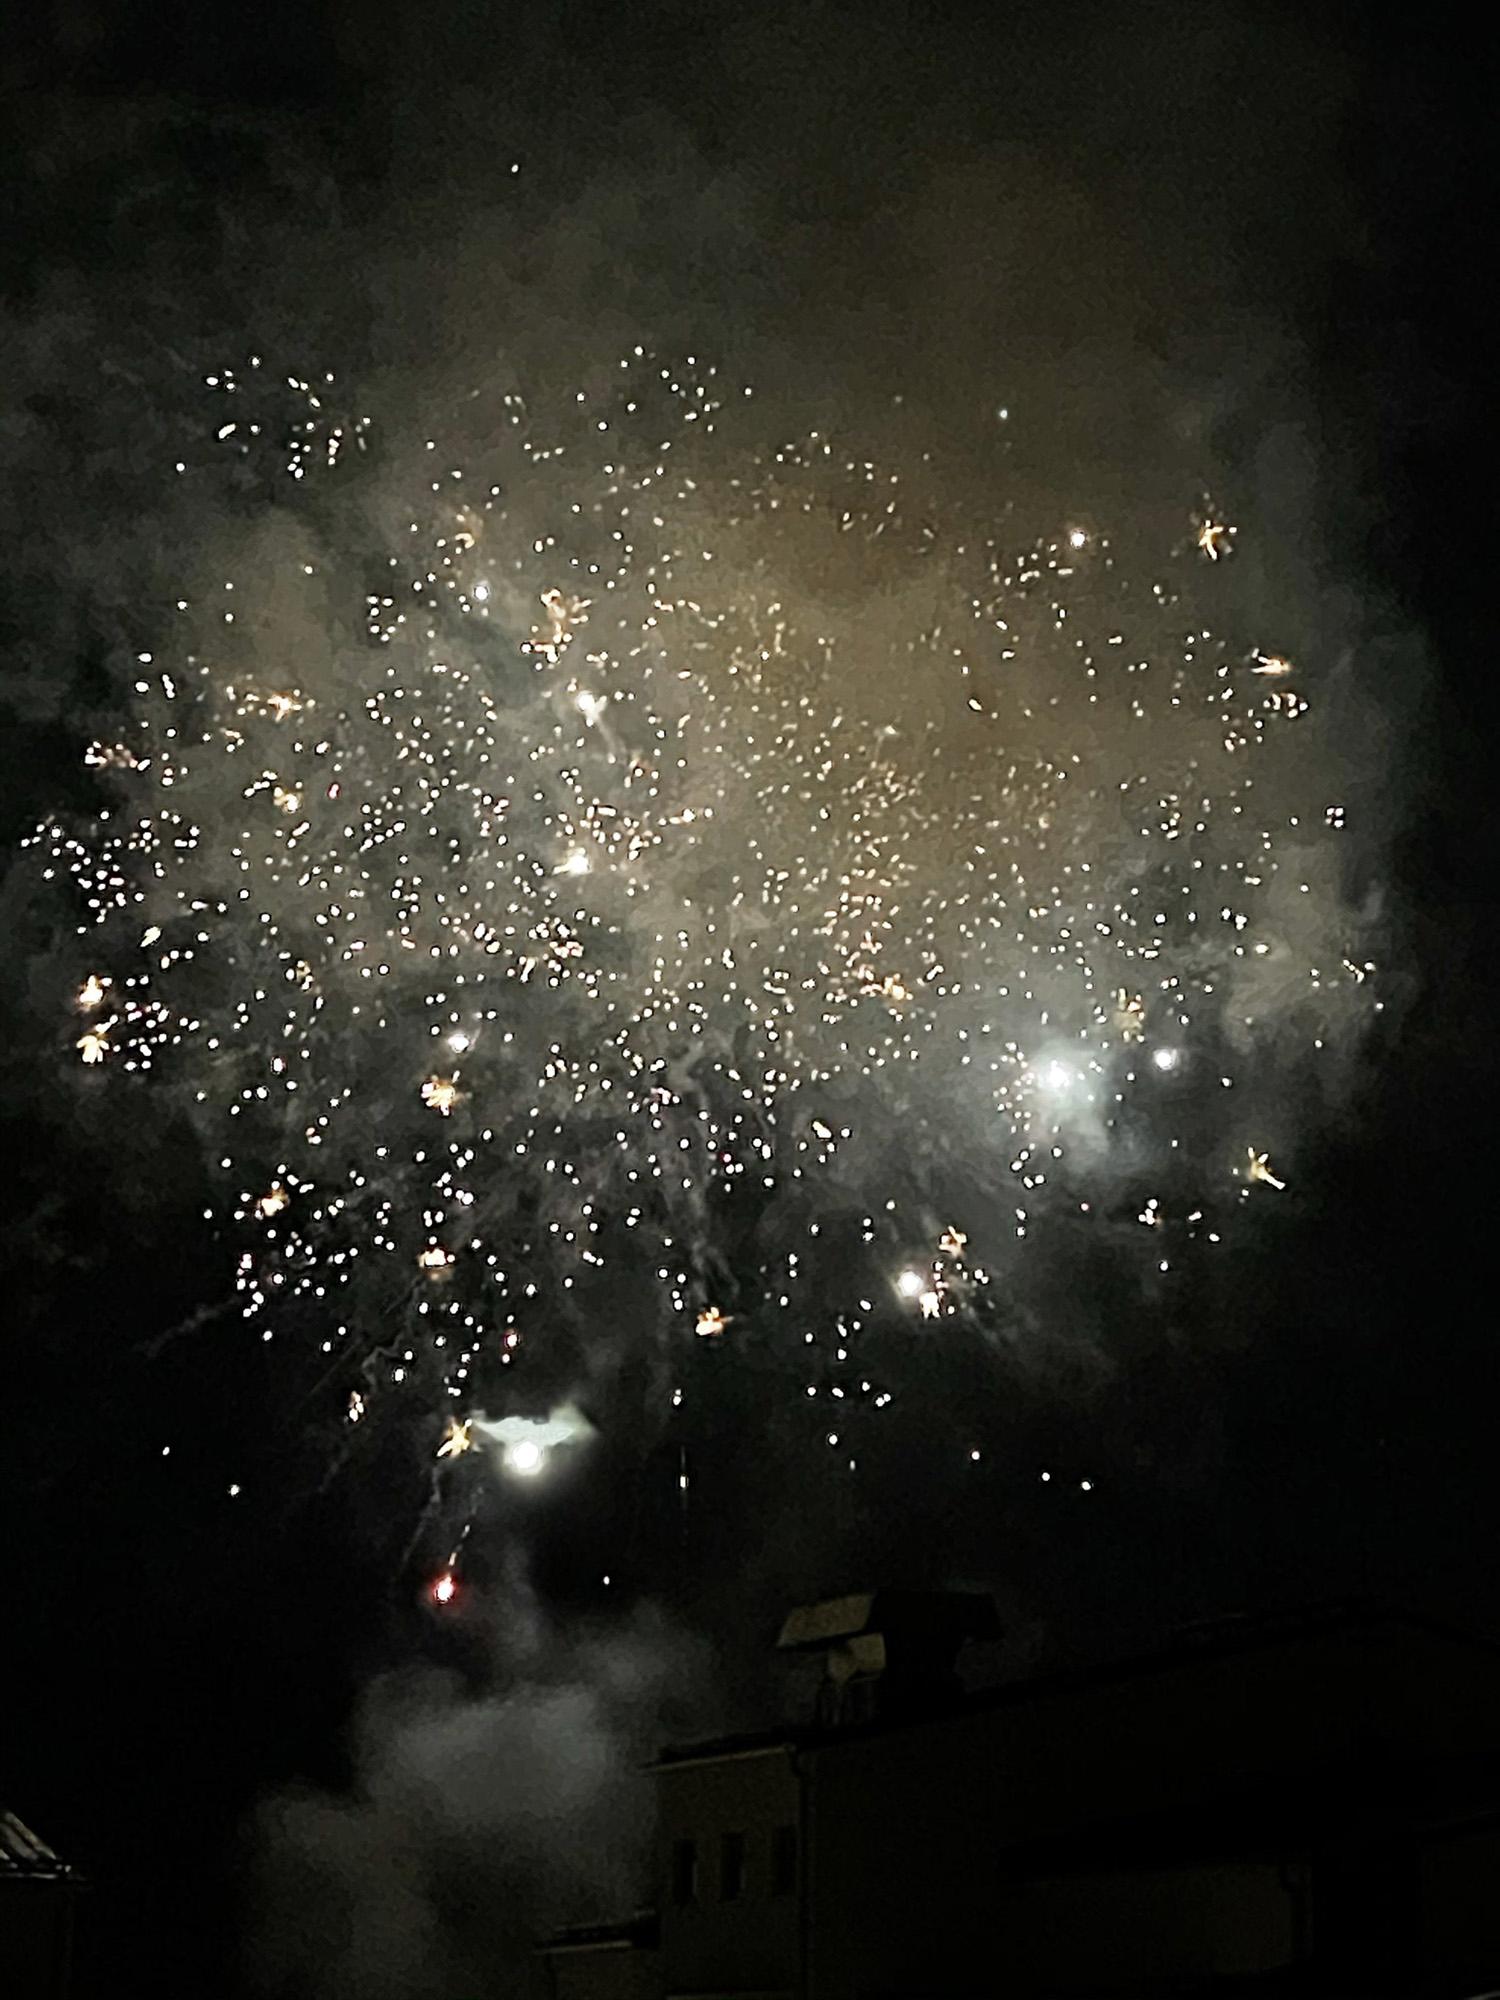 Avslutade vår nyårsaftonskväll med att titta på raketer.